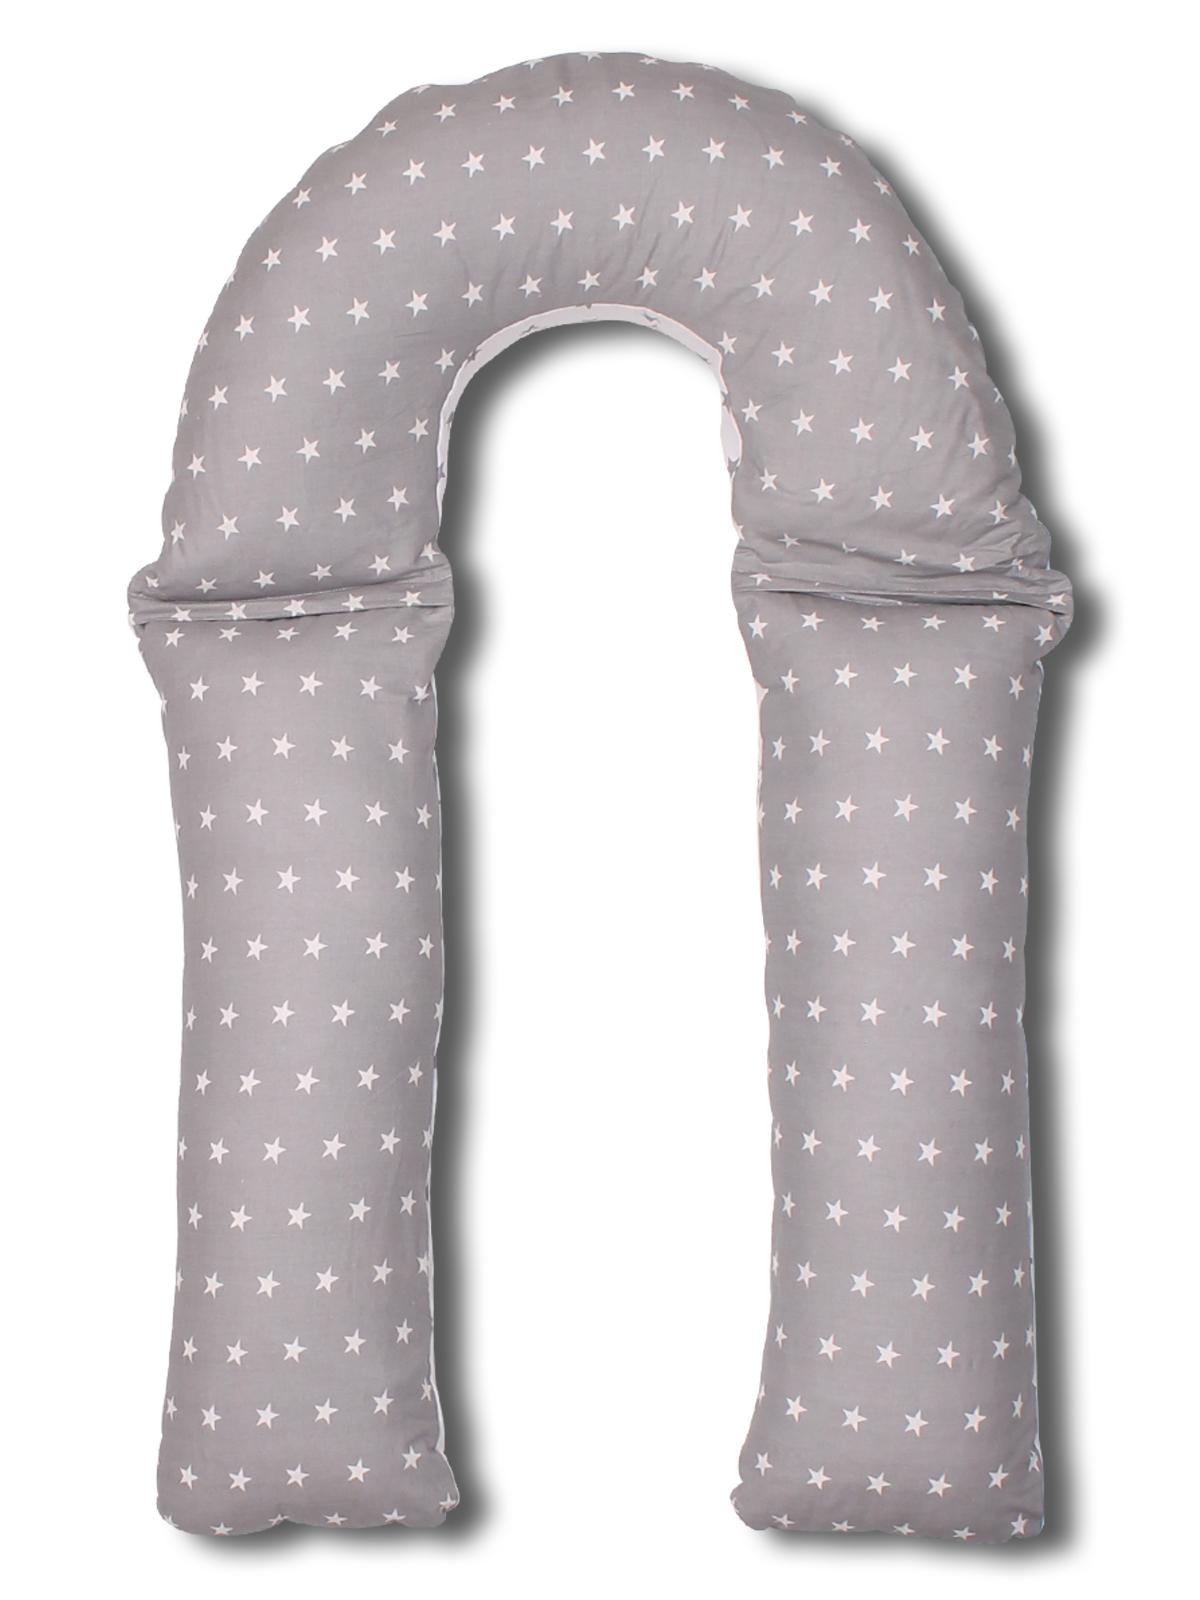 Чехол для подушки для беременных Body Pillow трансформер форма U звезды комби, серый, белый body pillow чехол для подушки для беременных u образный цвет бежевый золотой